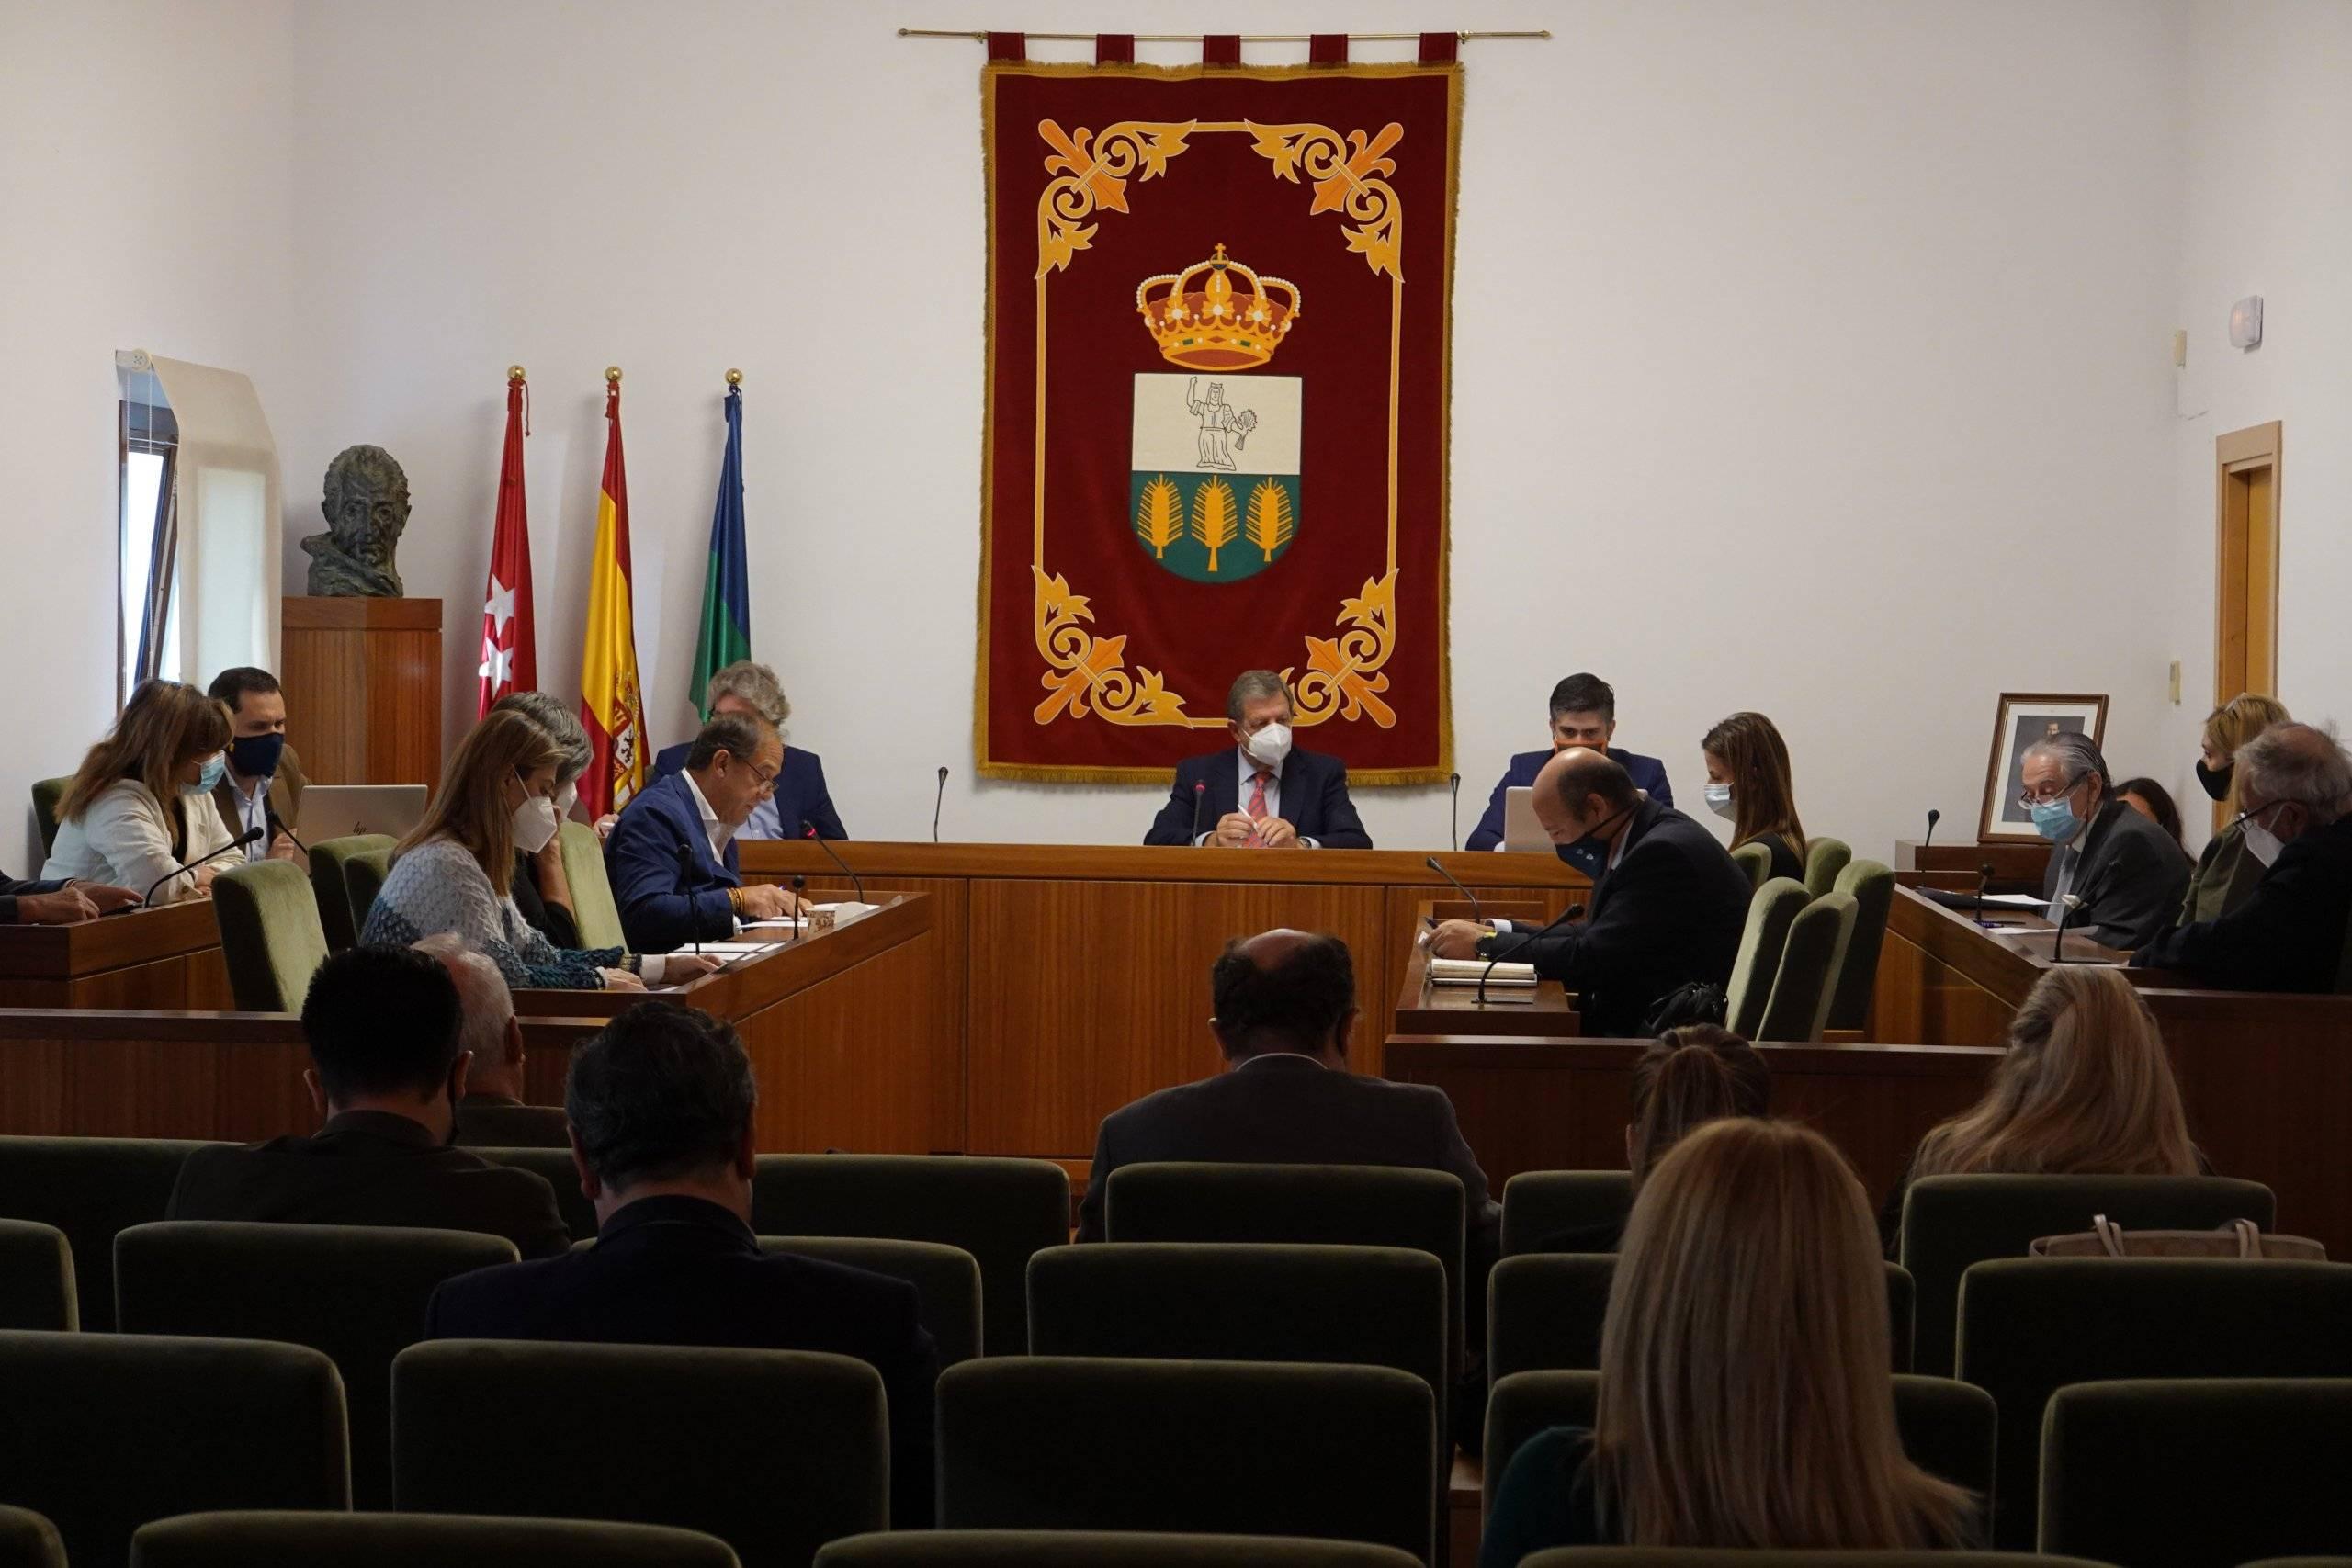 Miembros de la Corporación Municipal durante el Pleno.